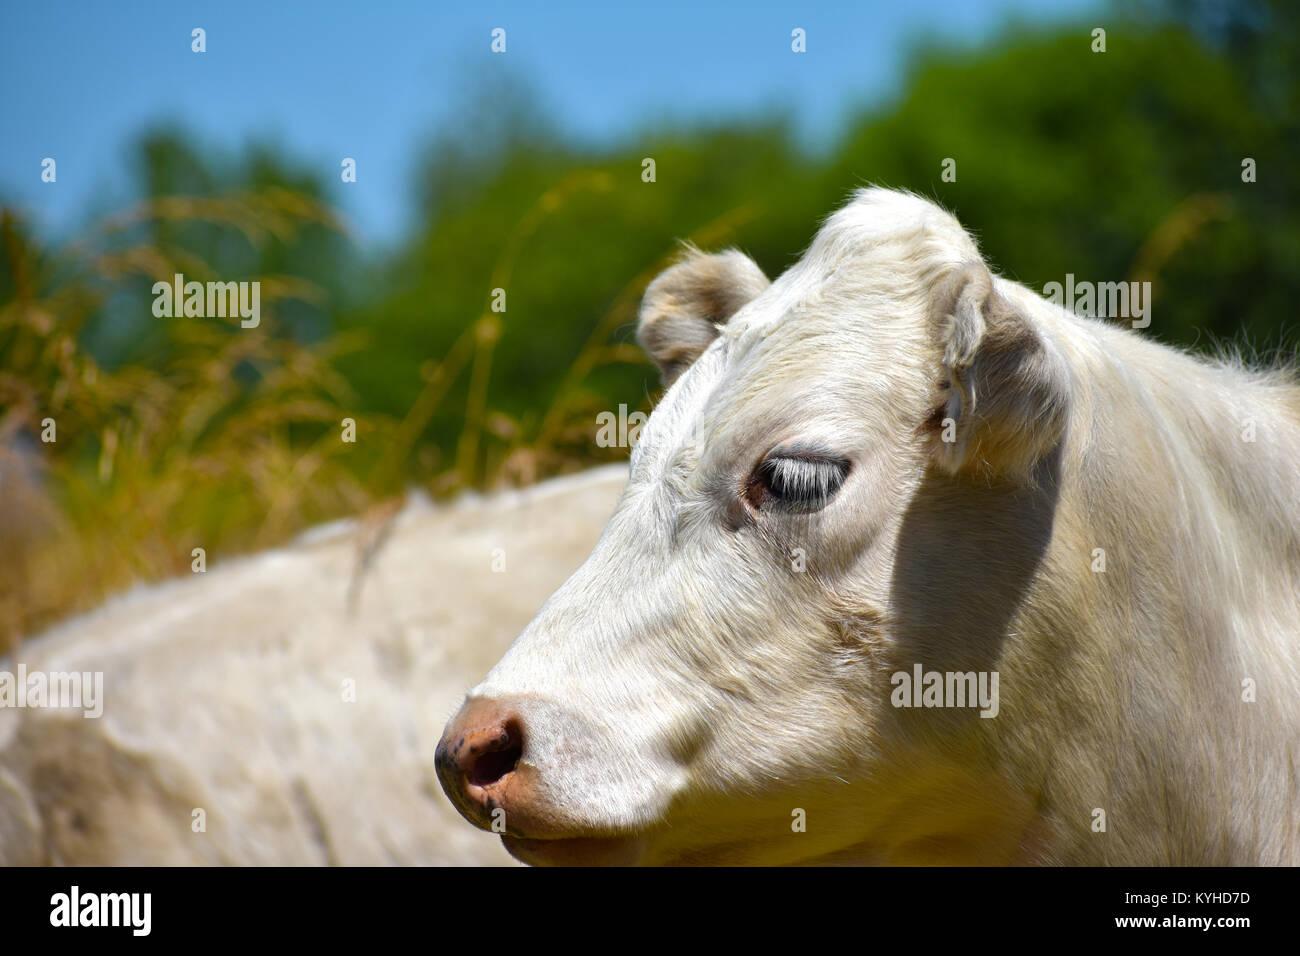 La cara de un toro blanco mostrando el perfil con un fondo difuminado suave de pastos altos y árboles de hoja perenne. Foto de stock